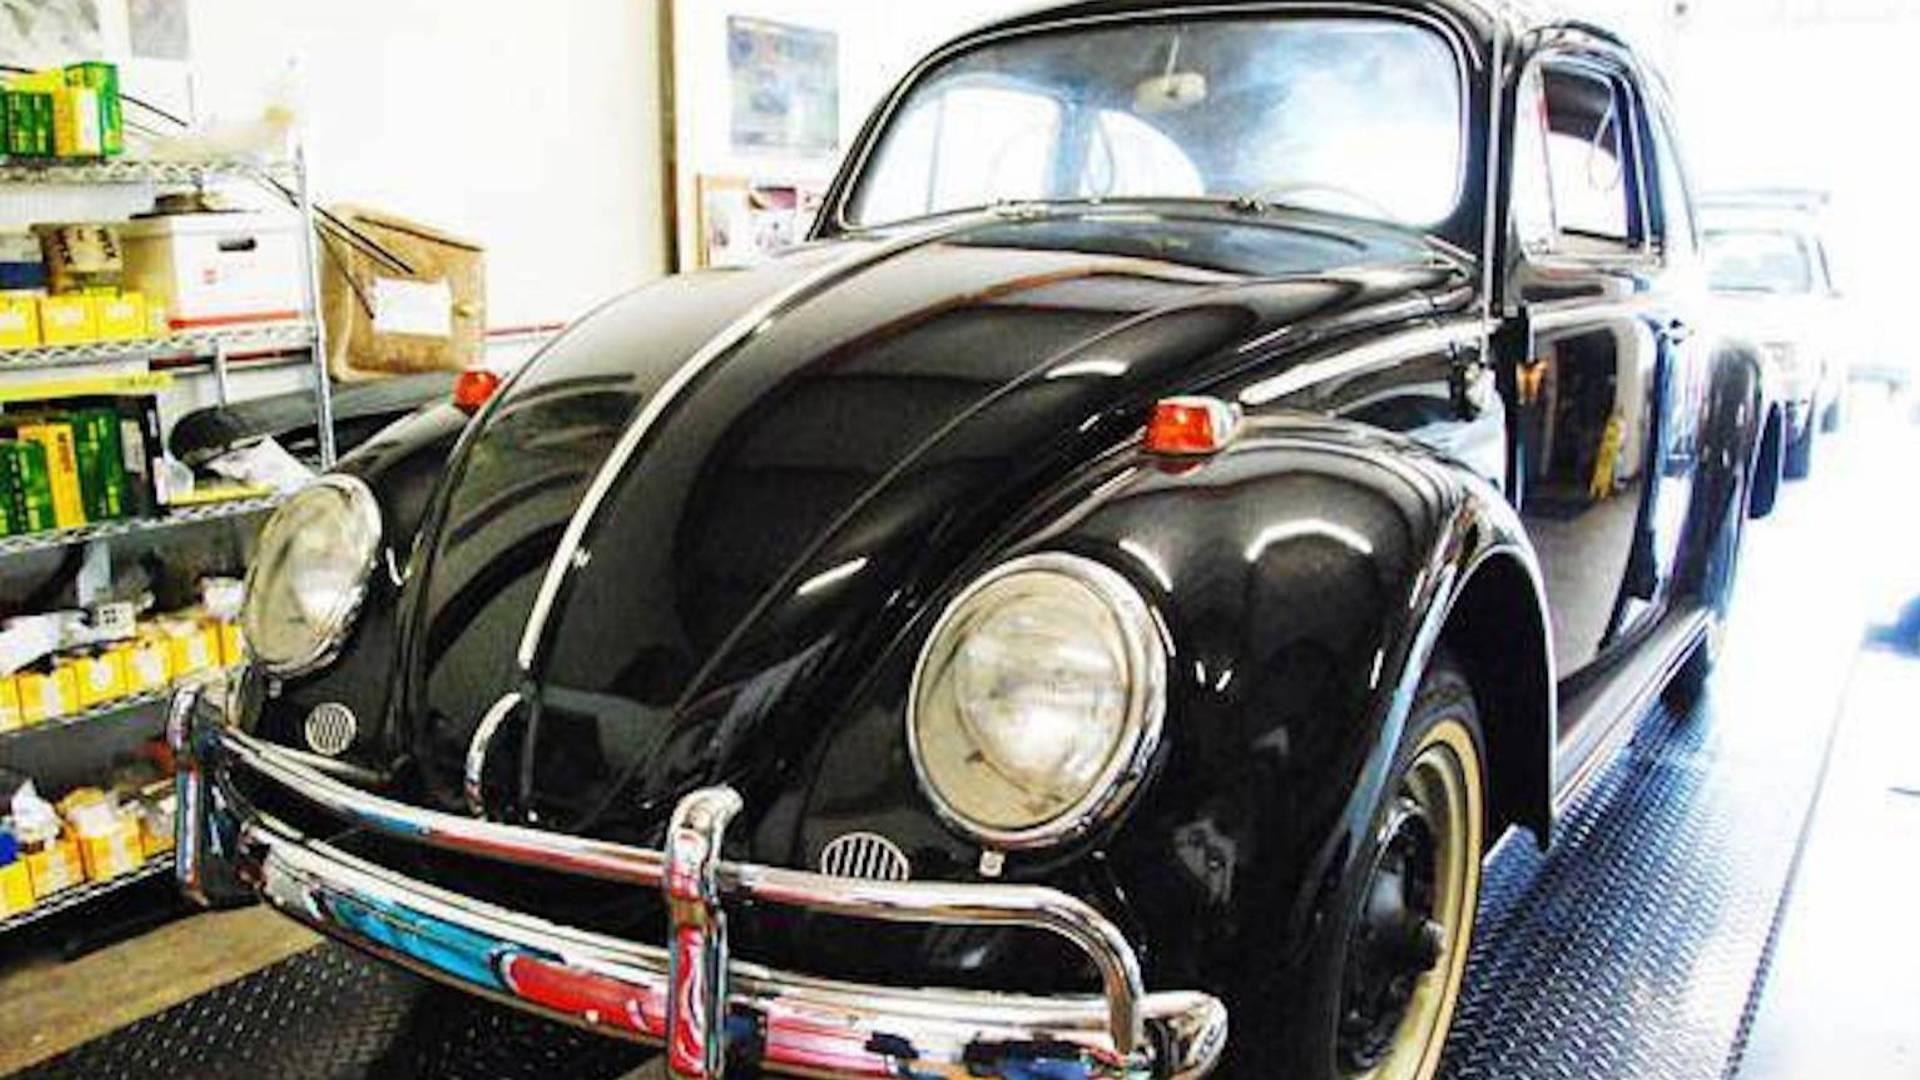 1964 Volkswagen Beetle being sold for $1,000,000